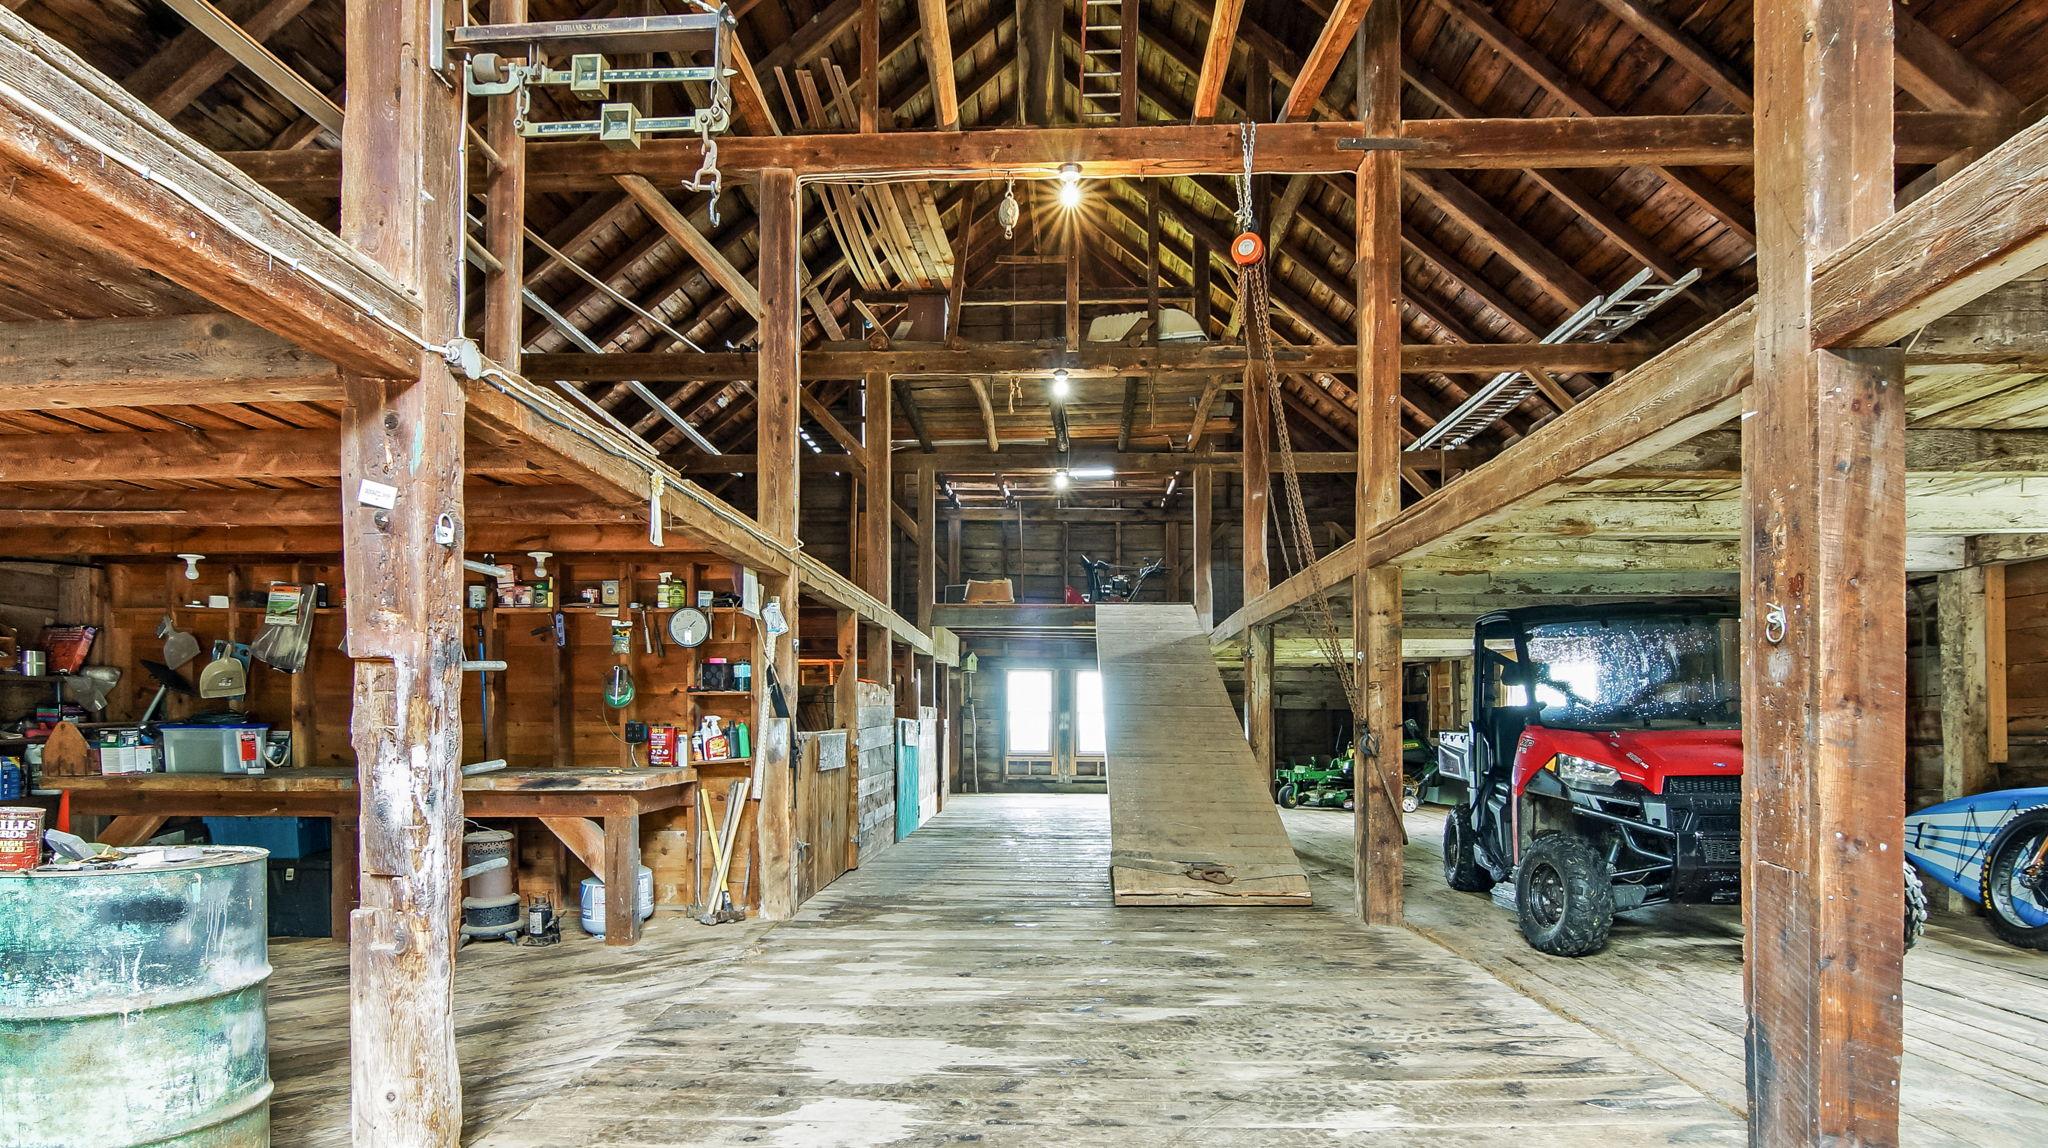 40' x 60'+- 3 Story Main Barn